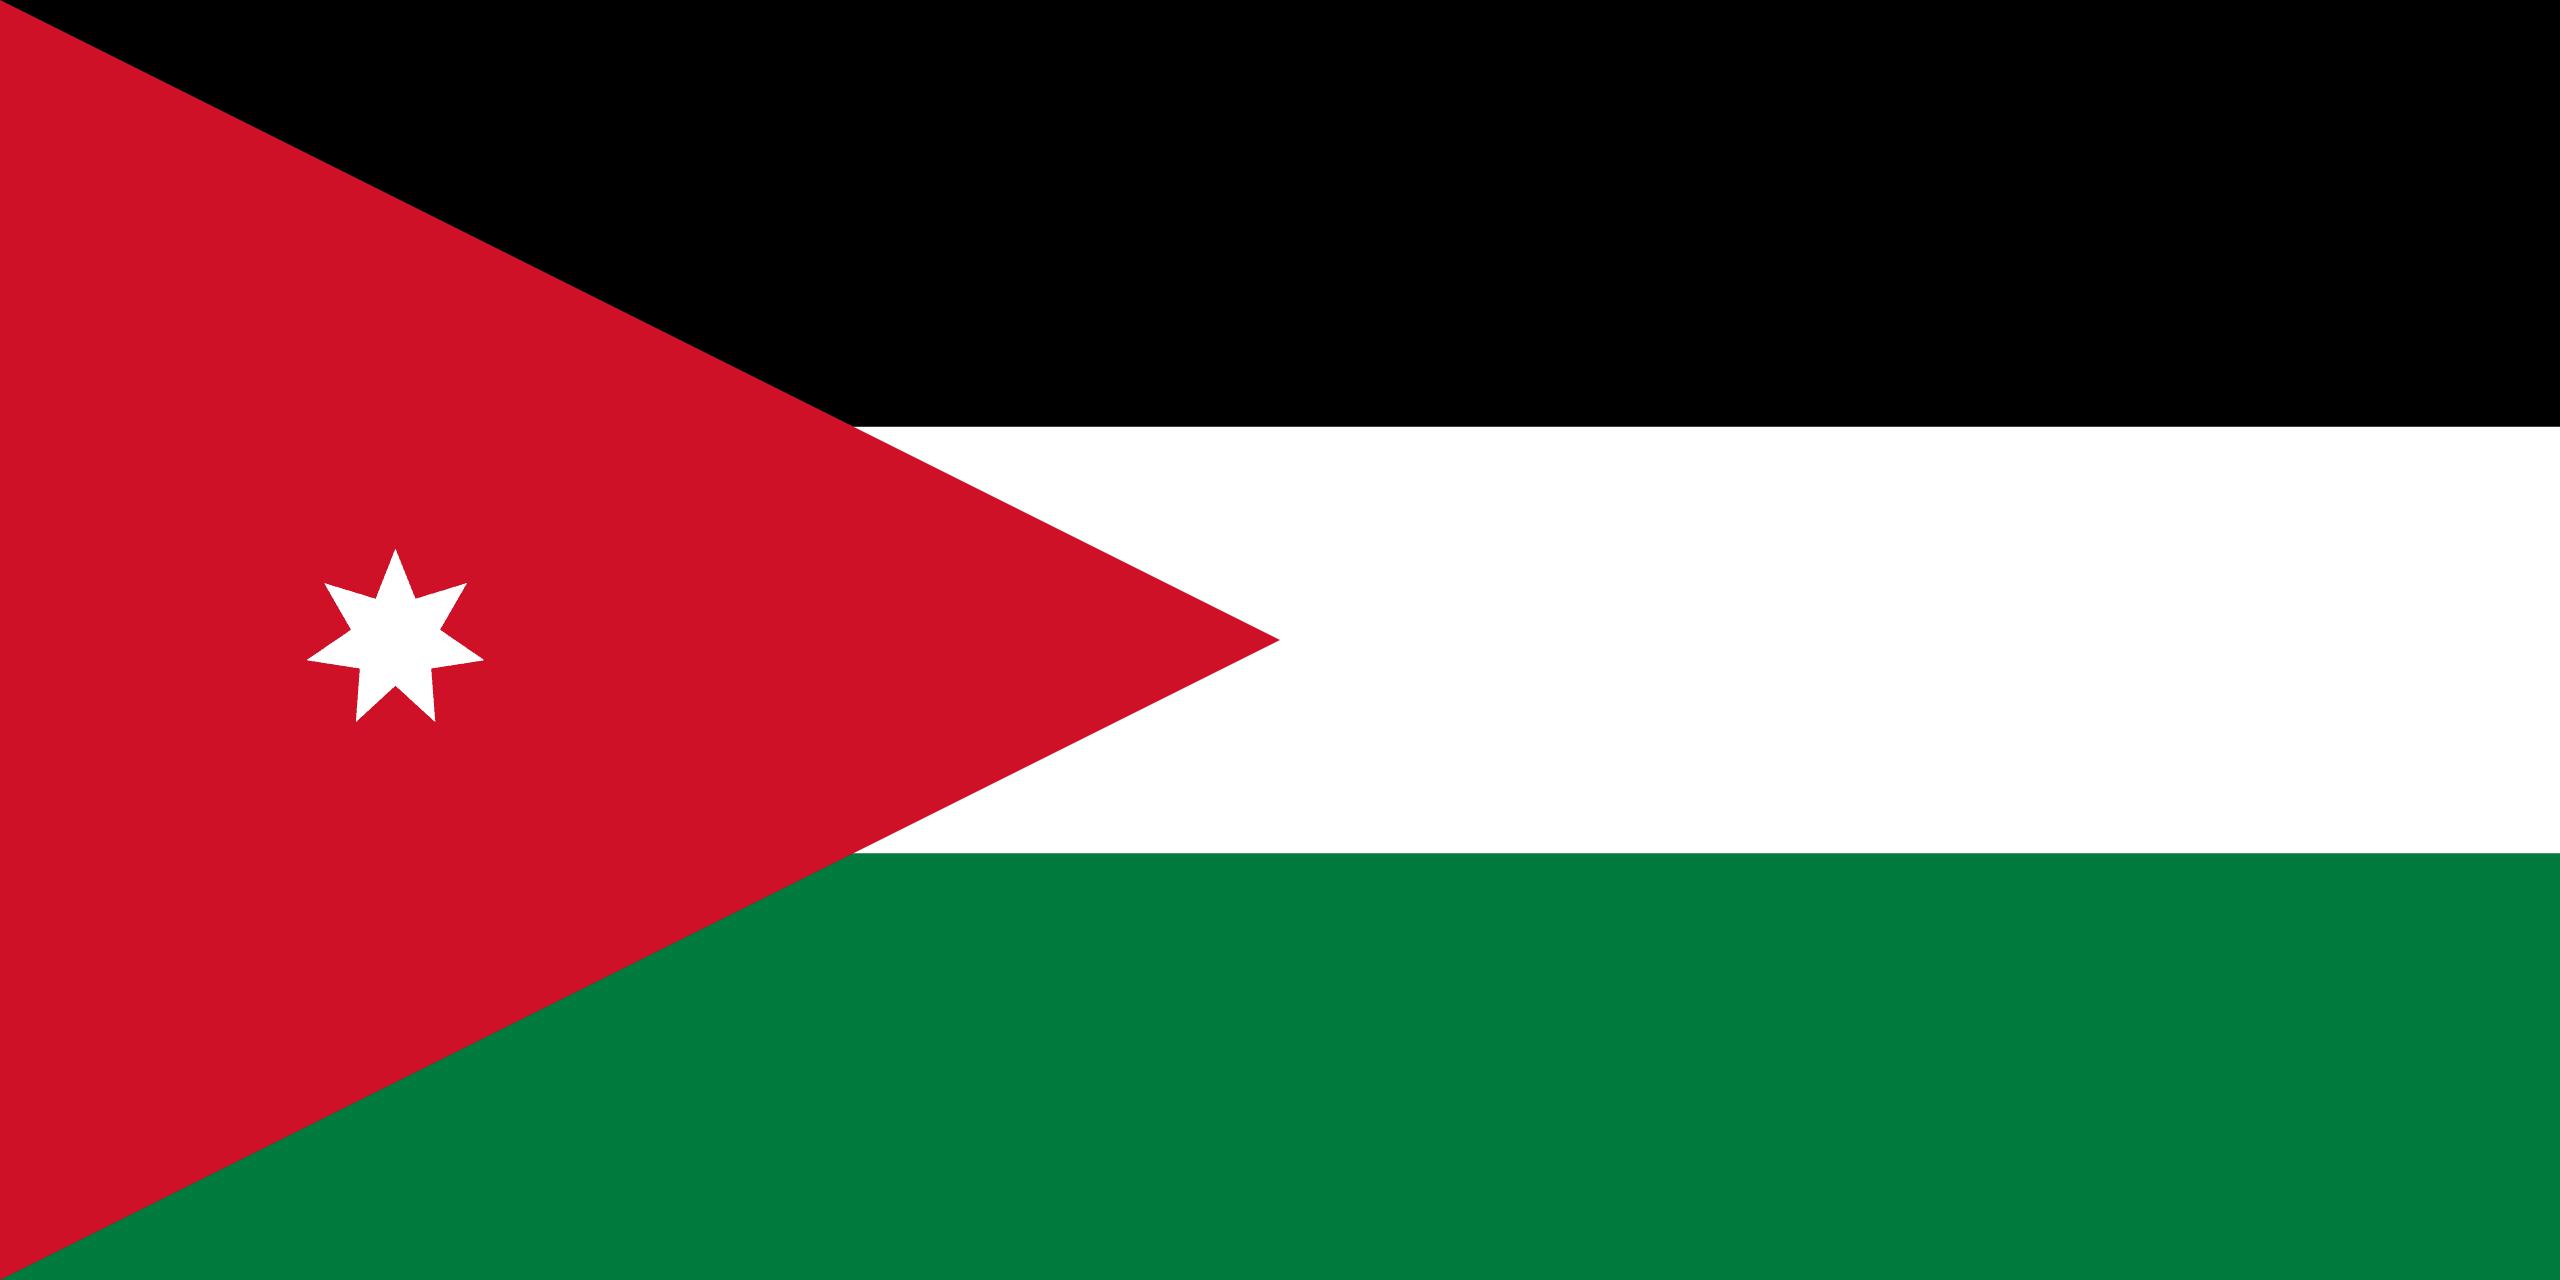 Σημαία Ιορδανίας